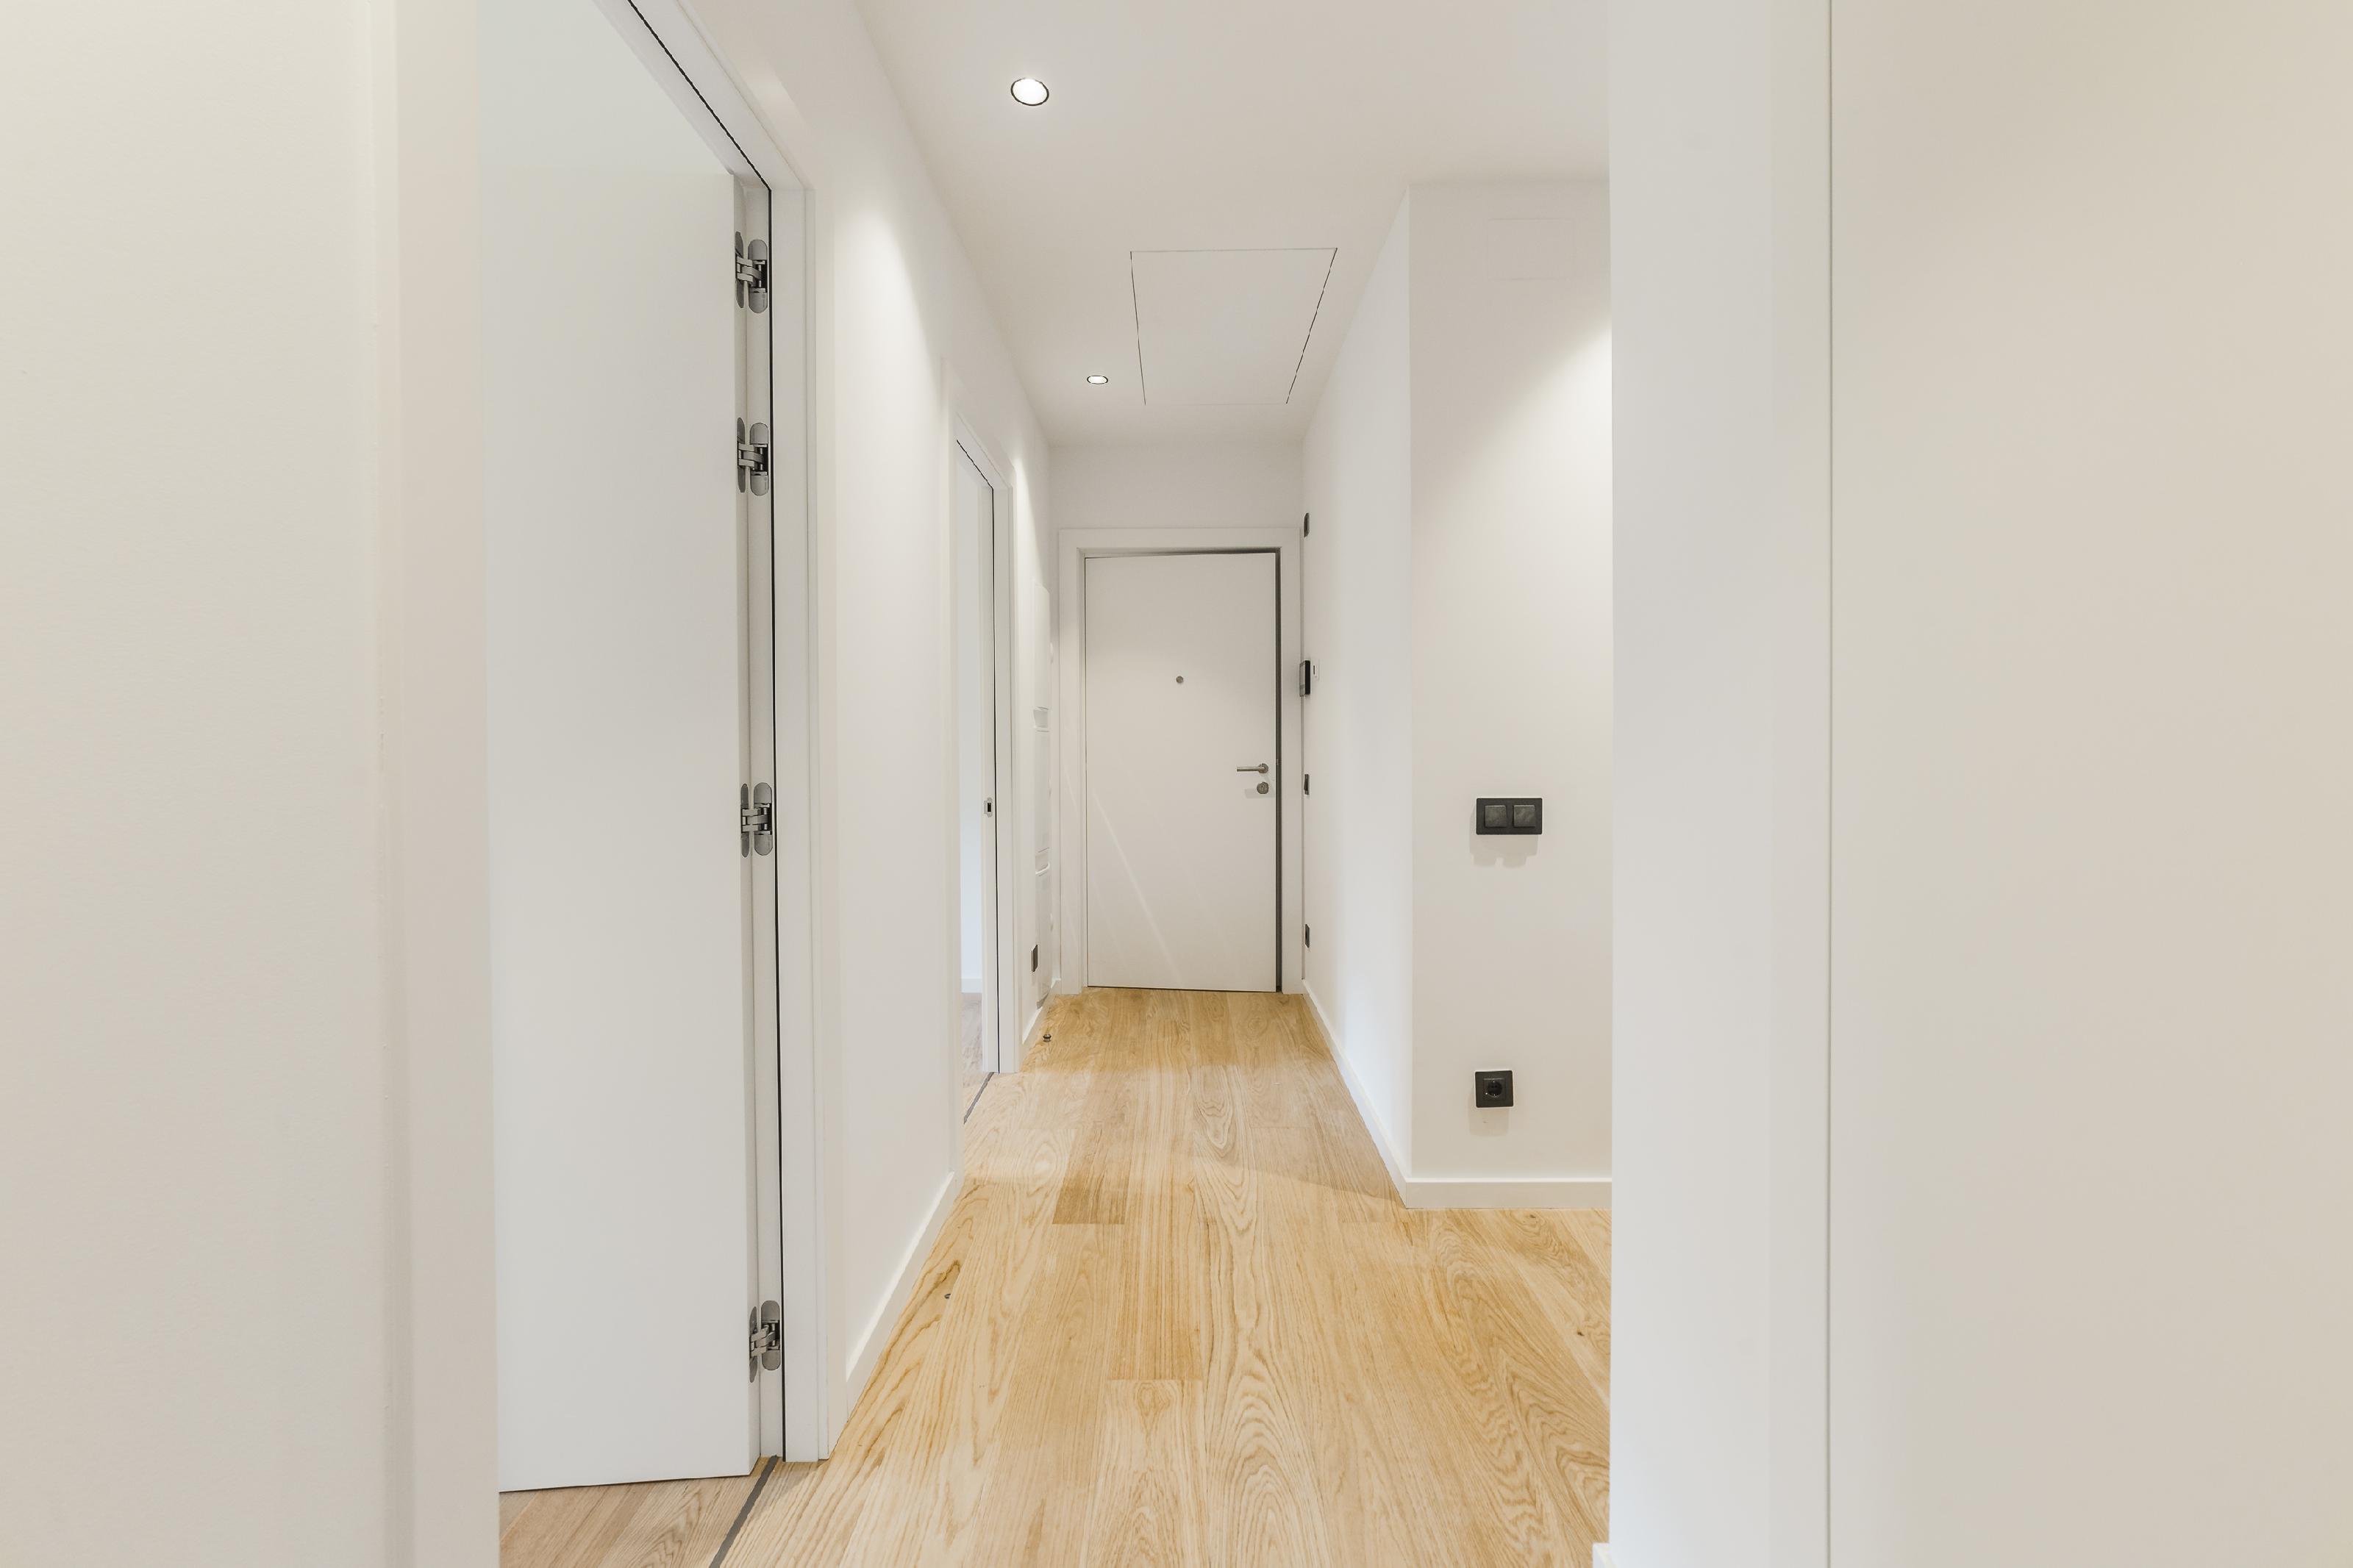 251949 Apartment for sale in Eixample, Antiga Esquerre Eixample 13